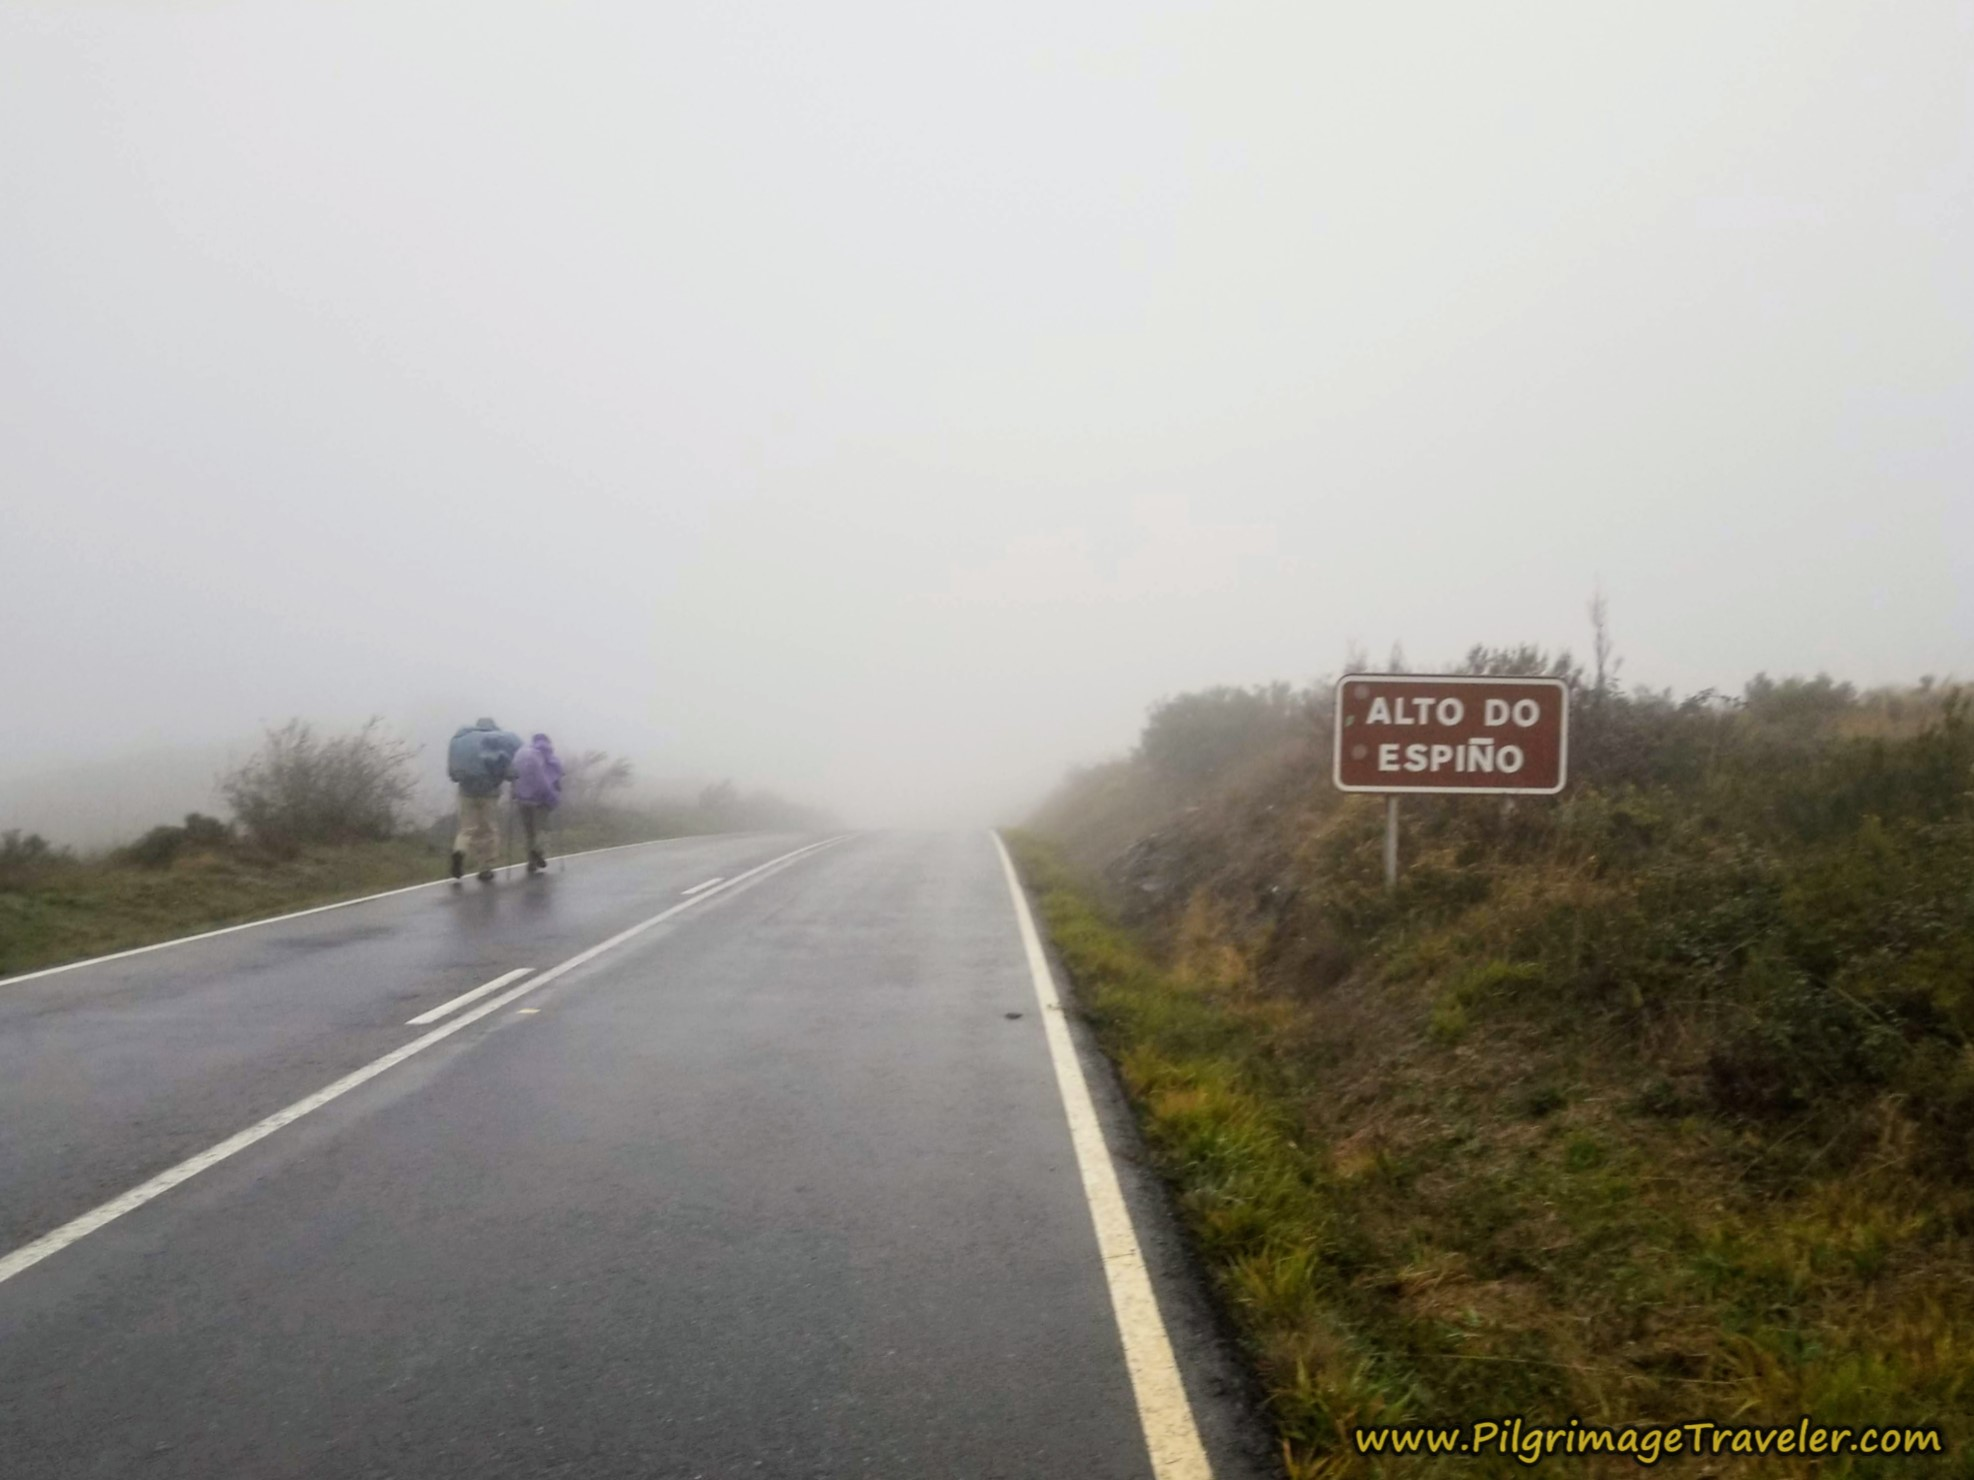 Passing the Alto do Espiño on the Camino Sanabrés from A Gudiña to A Venda da Capela